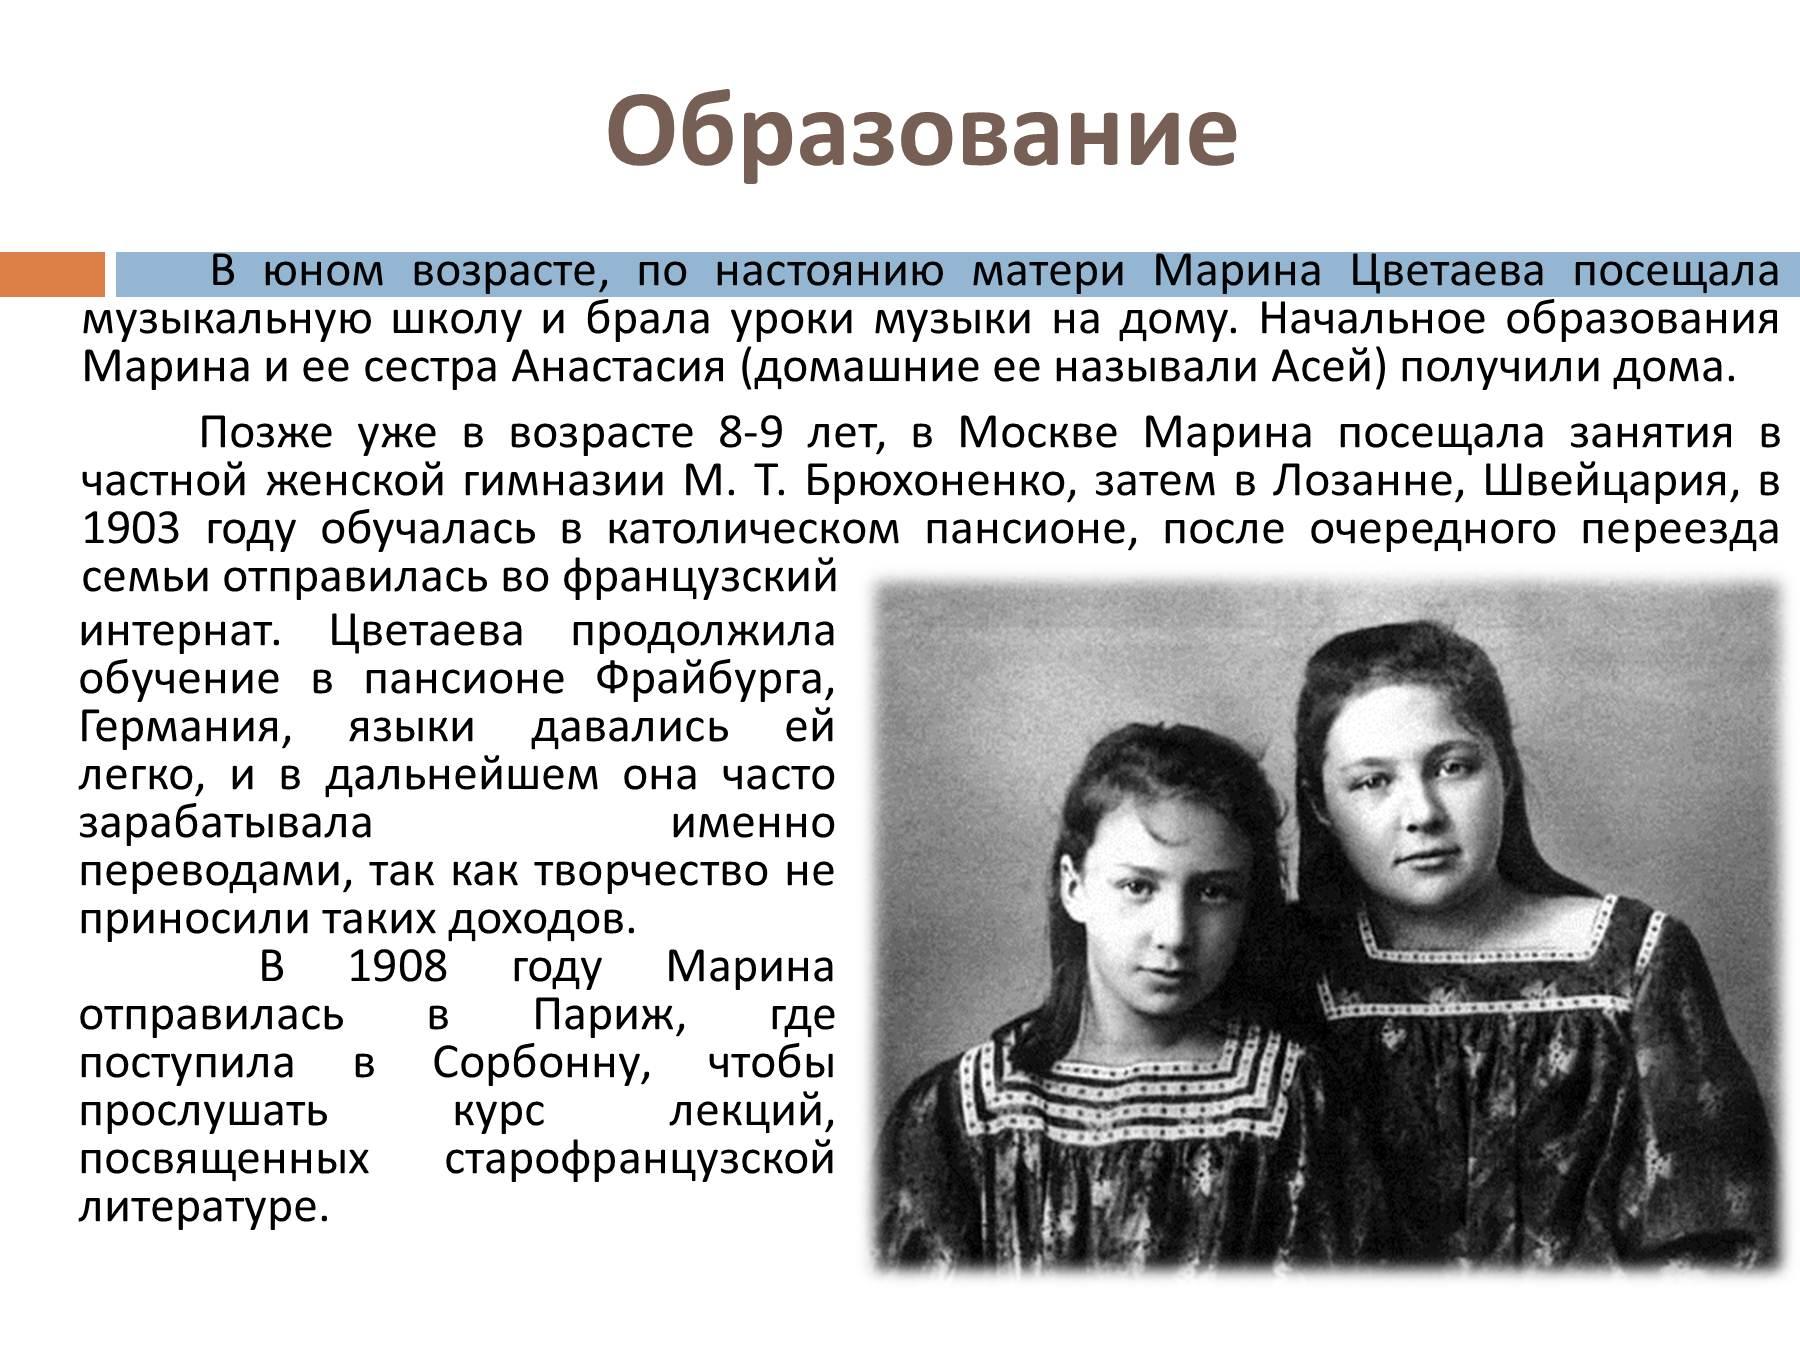 Биография Марины Ивановны Цветаевой. Интересные факты